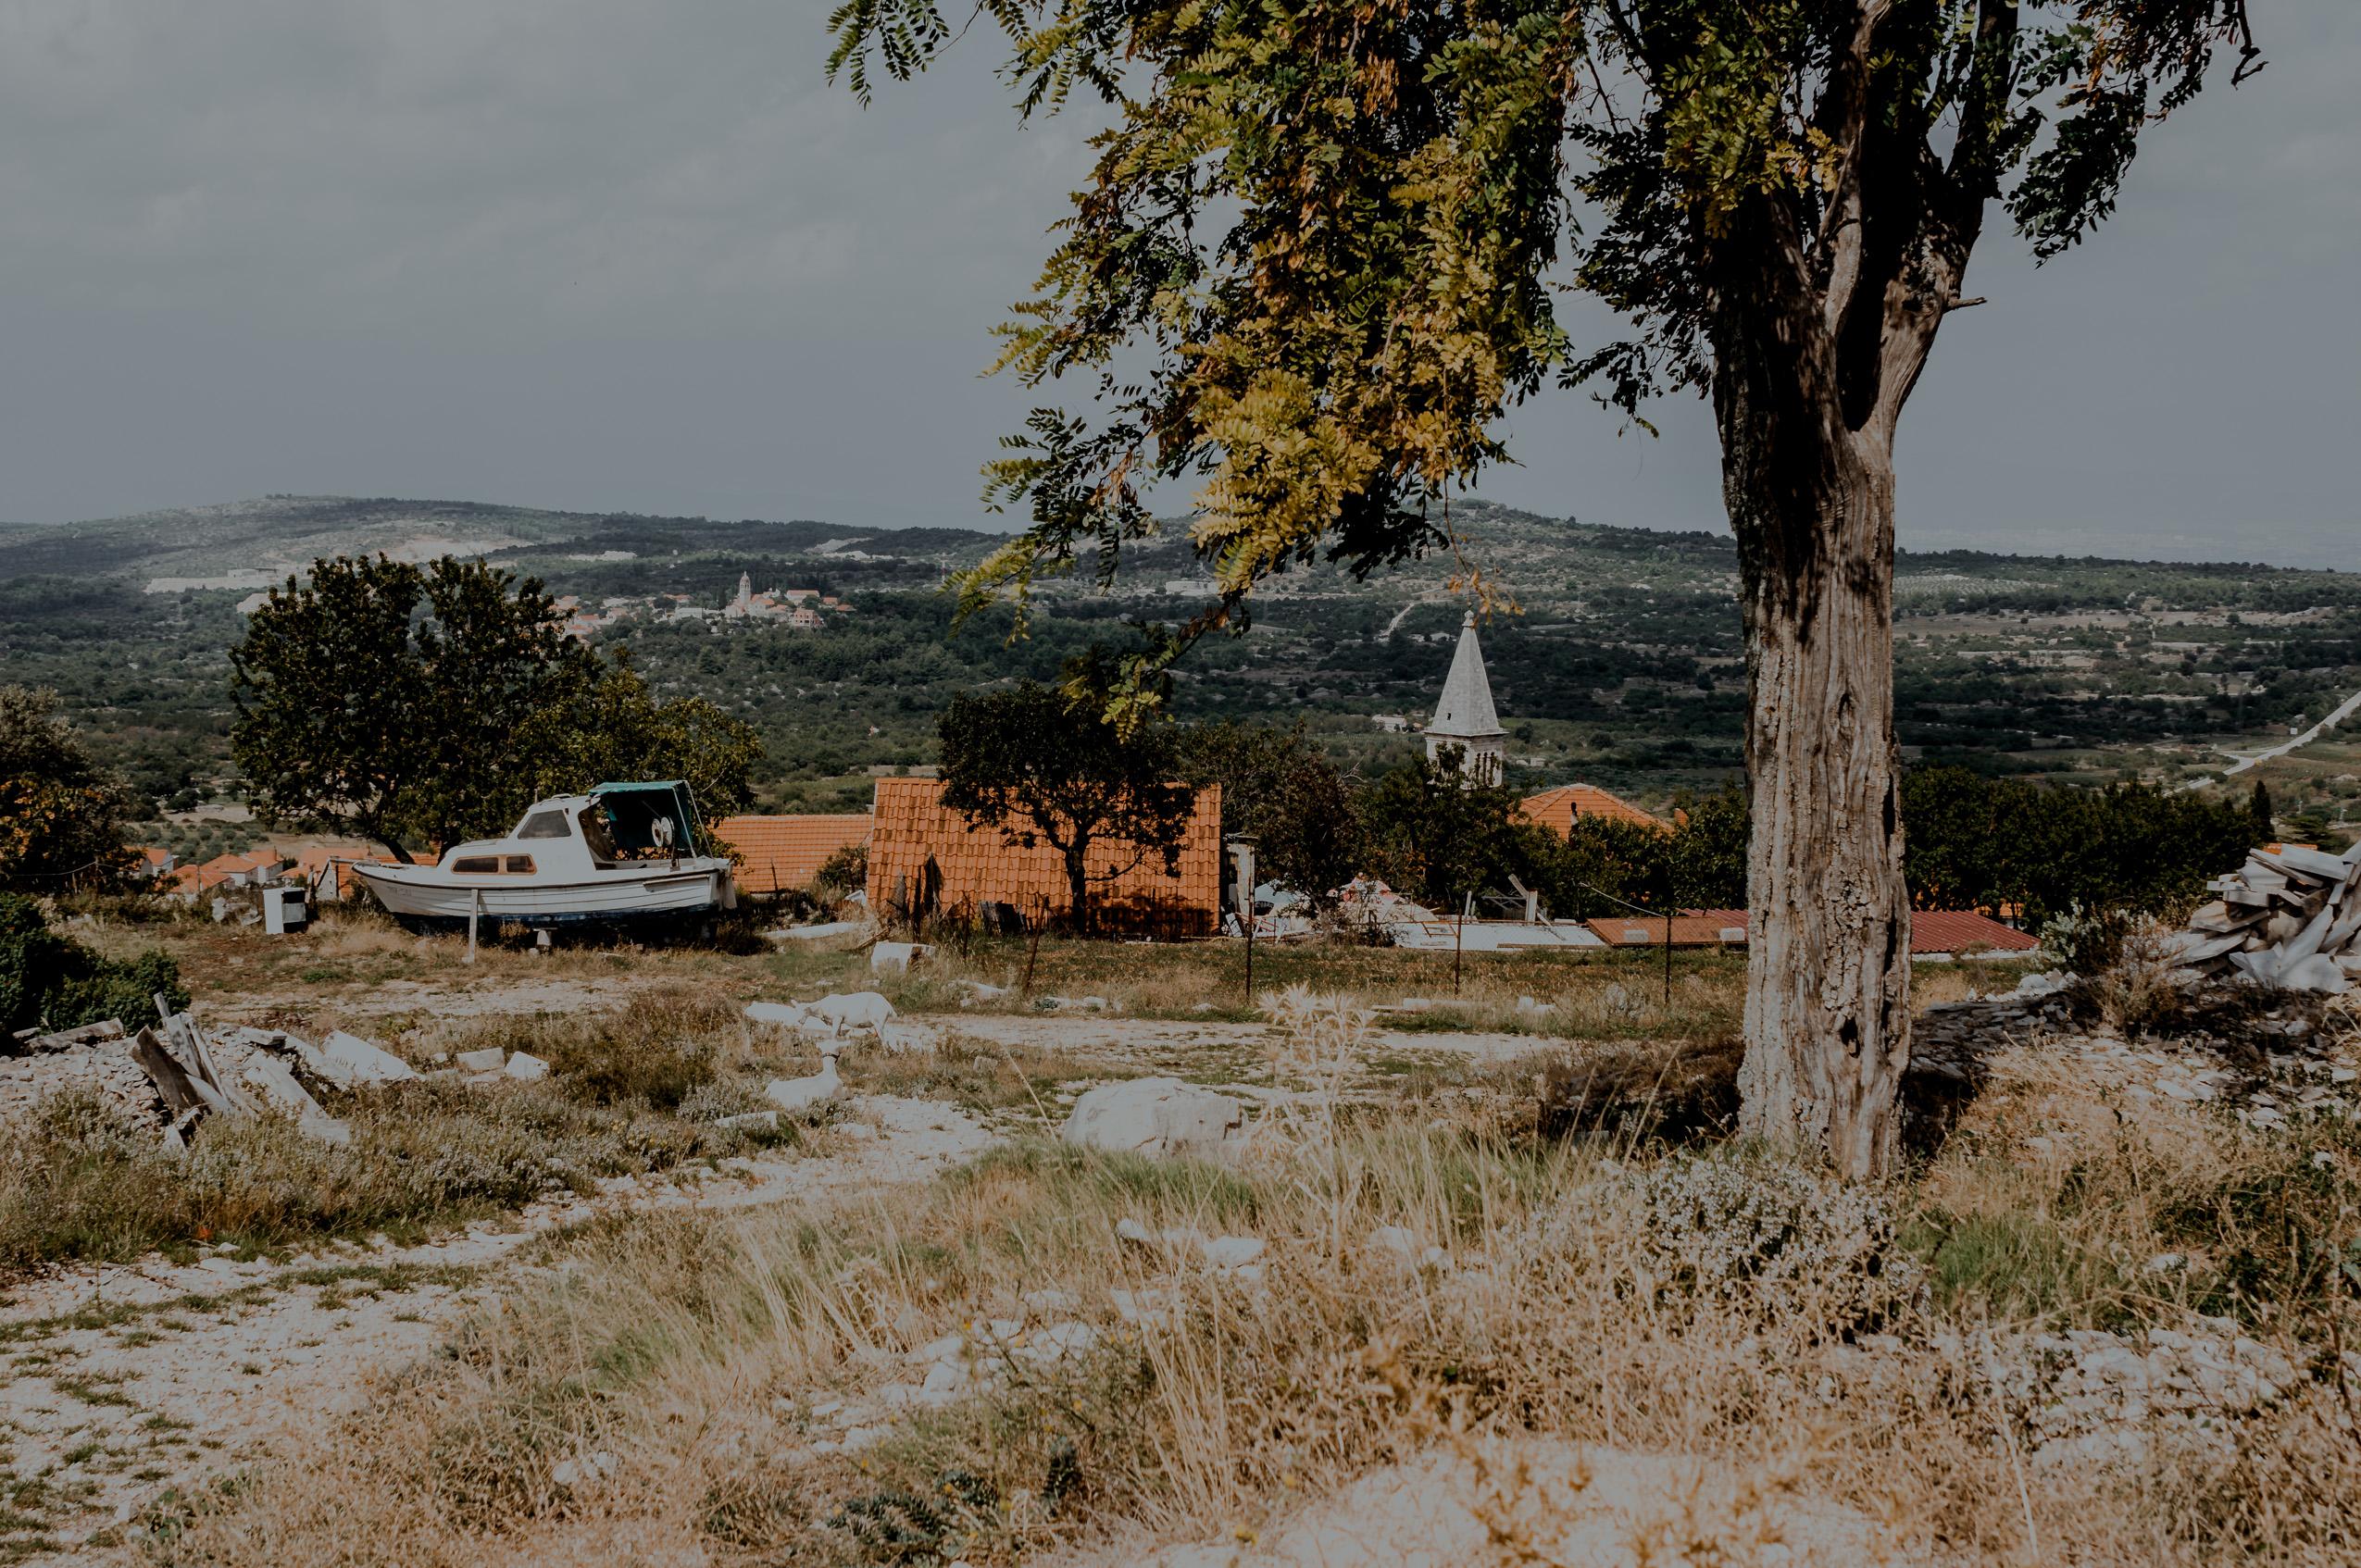 Chorwacja, wyspa Brač, dzień 4- Nerežišća, Pustelnia Blaca, Vidova Gora, Donji Humac